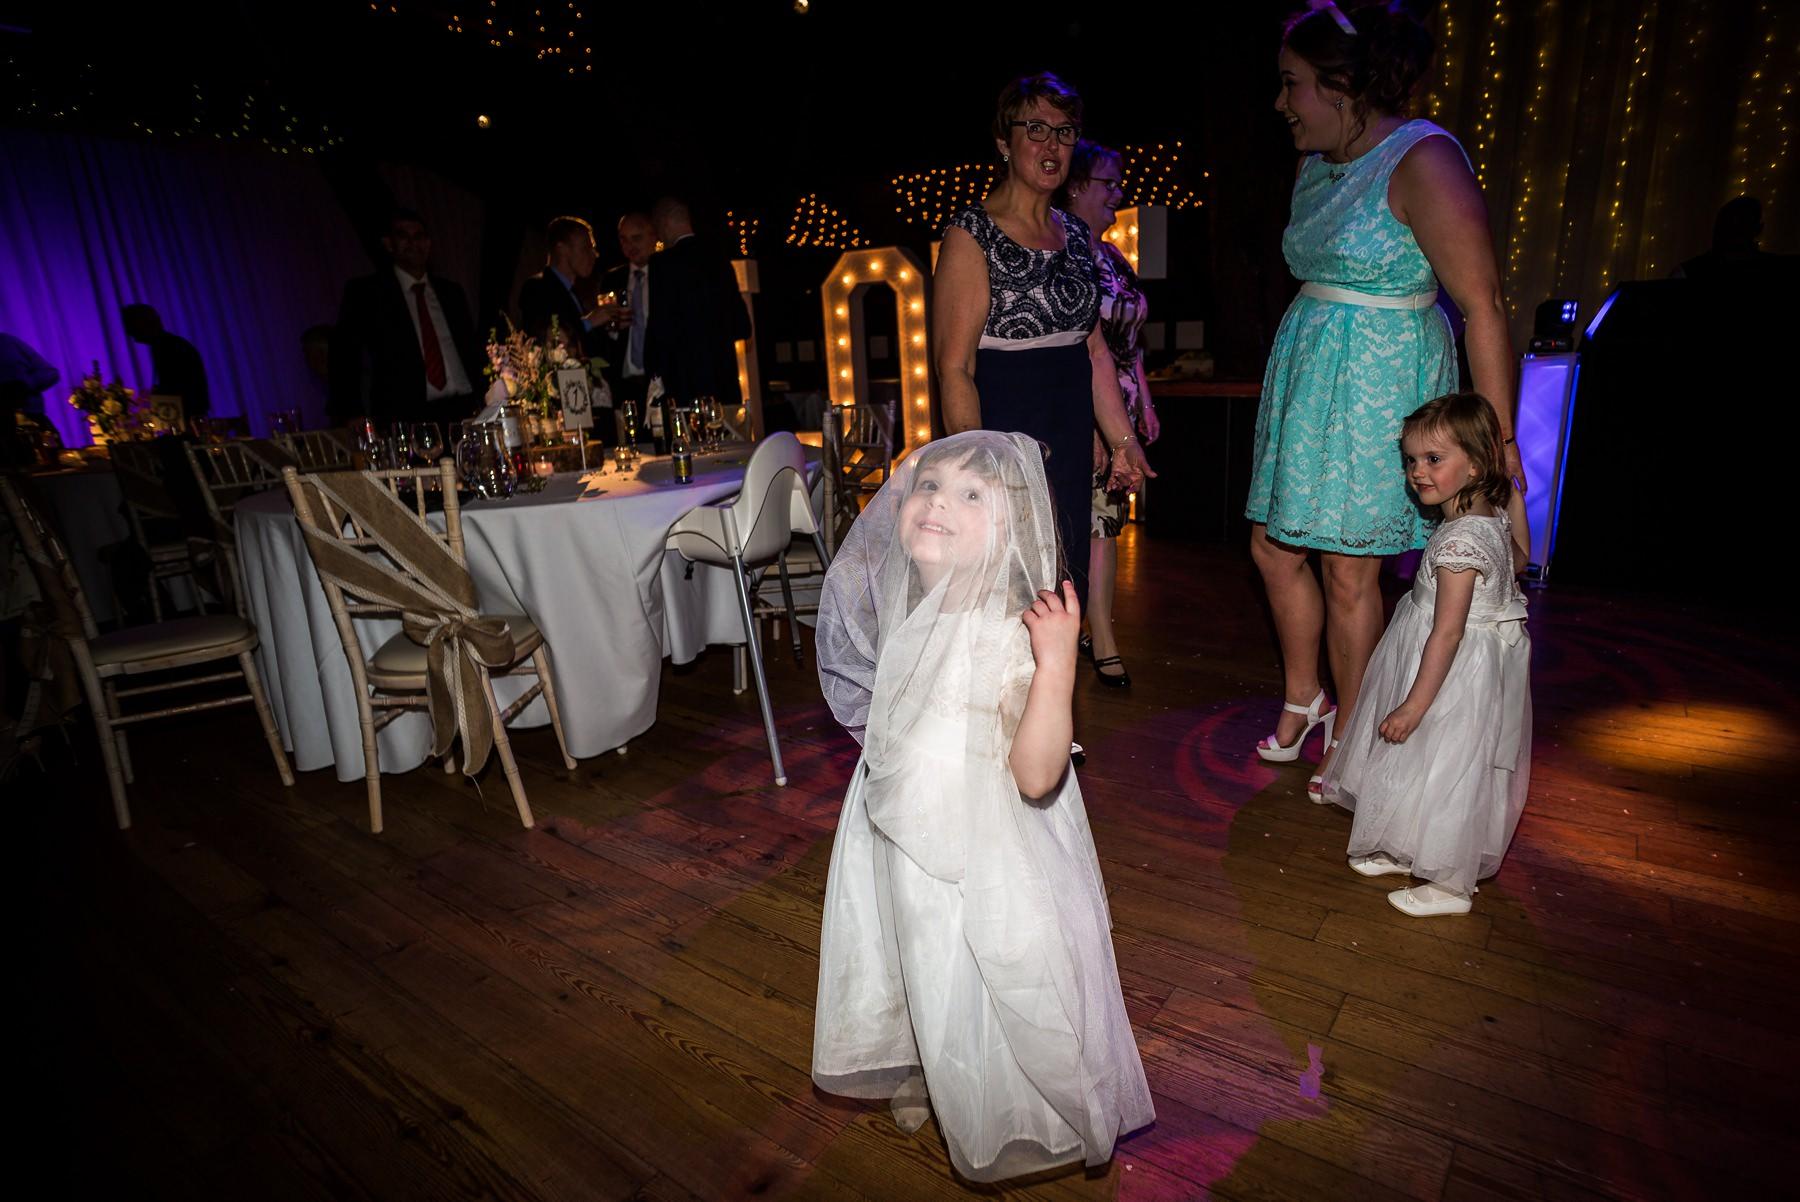 girl playing on dance floor